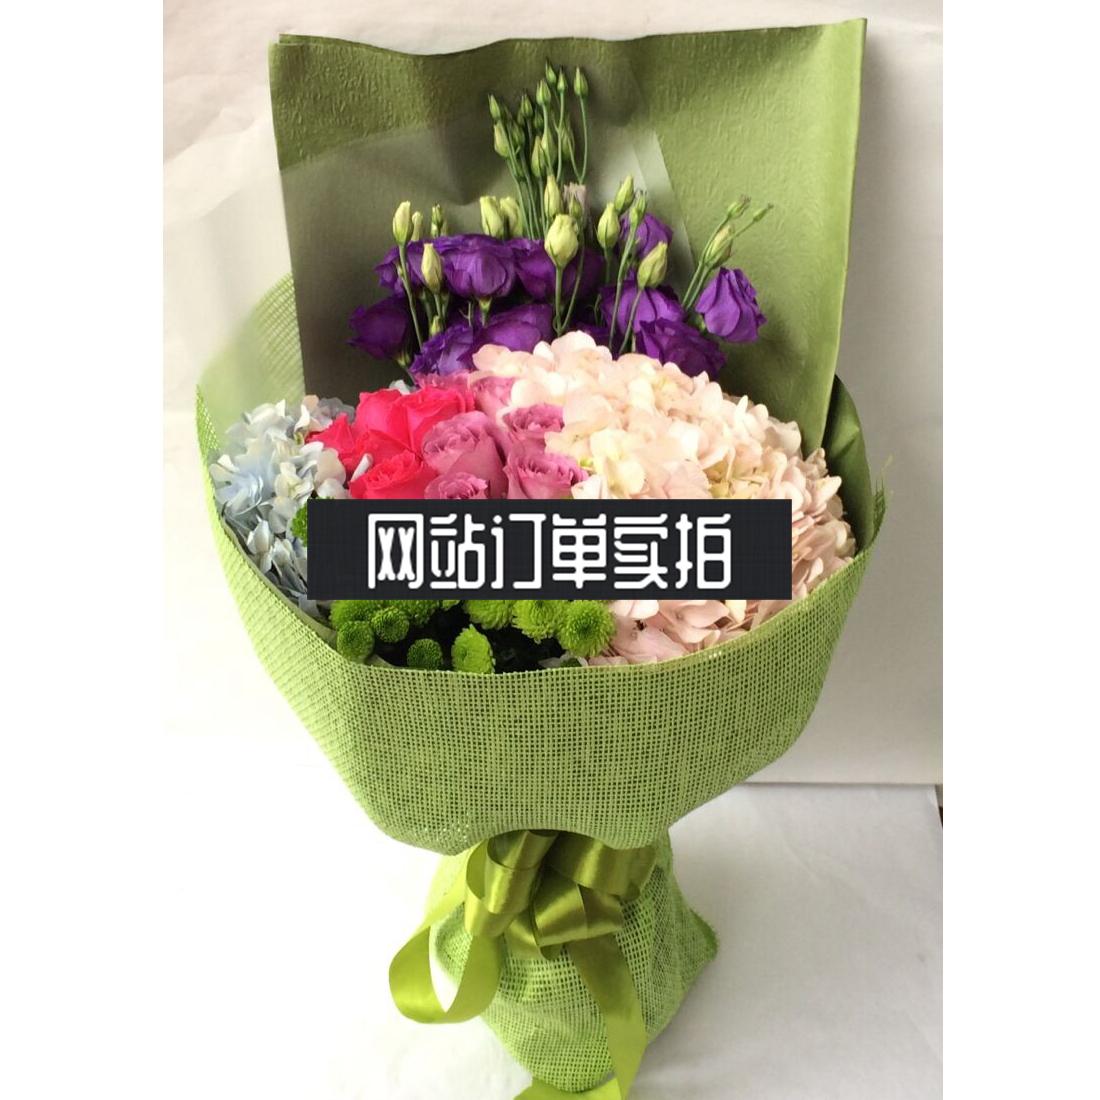 祭奠鲜花8丨预定鲜花丨鲜花配送丨鲜花速递丨网上订